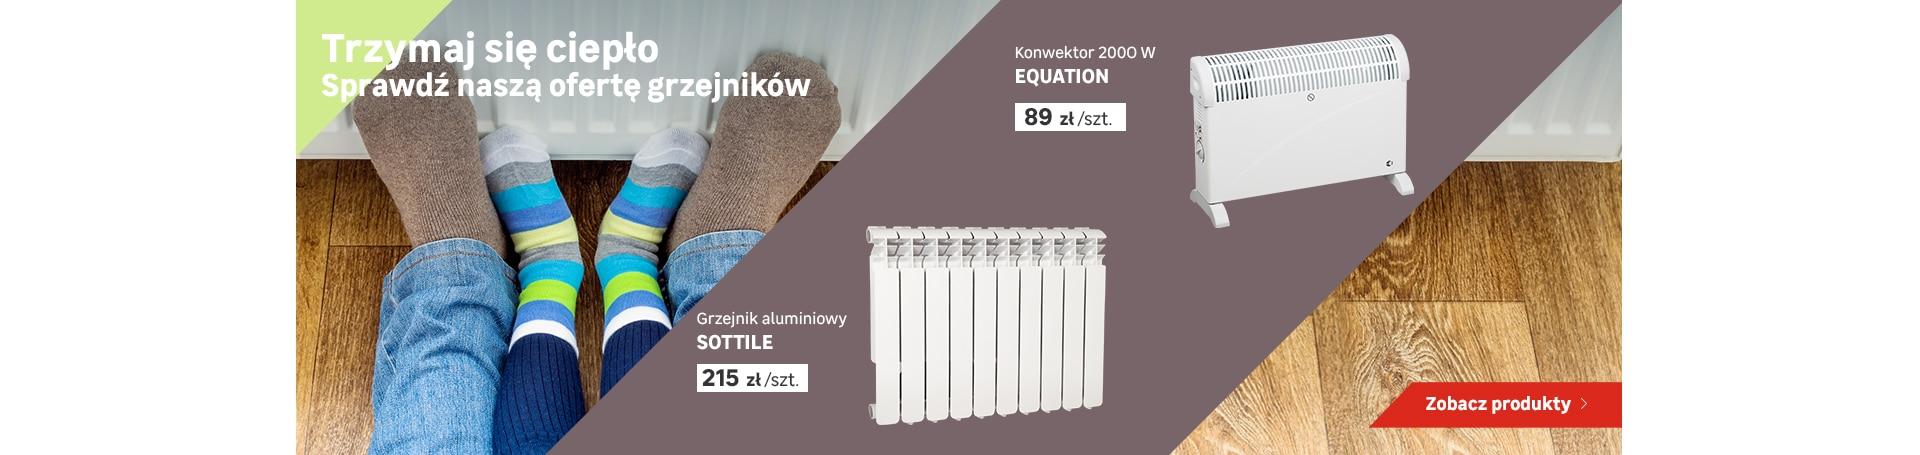 sk-ogrzewanie-grzejniki-15-22.01.2019-1920x455